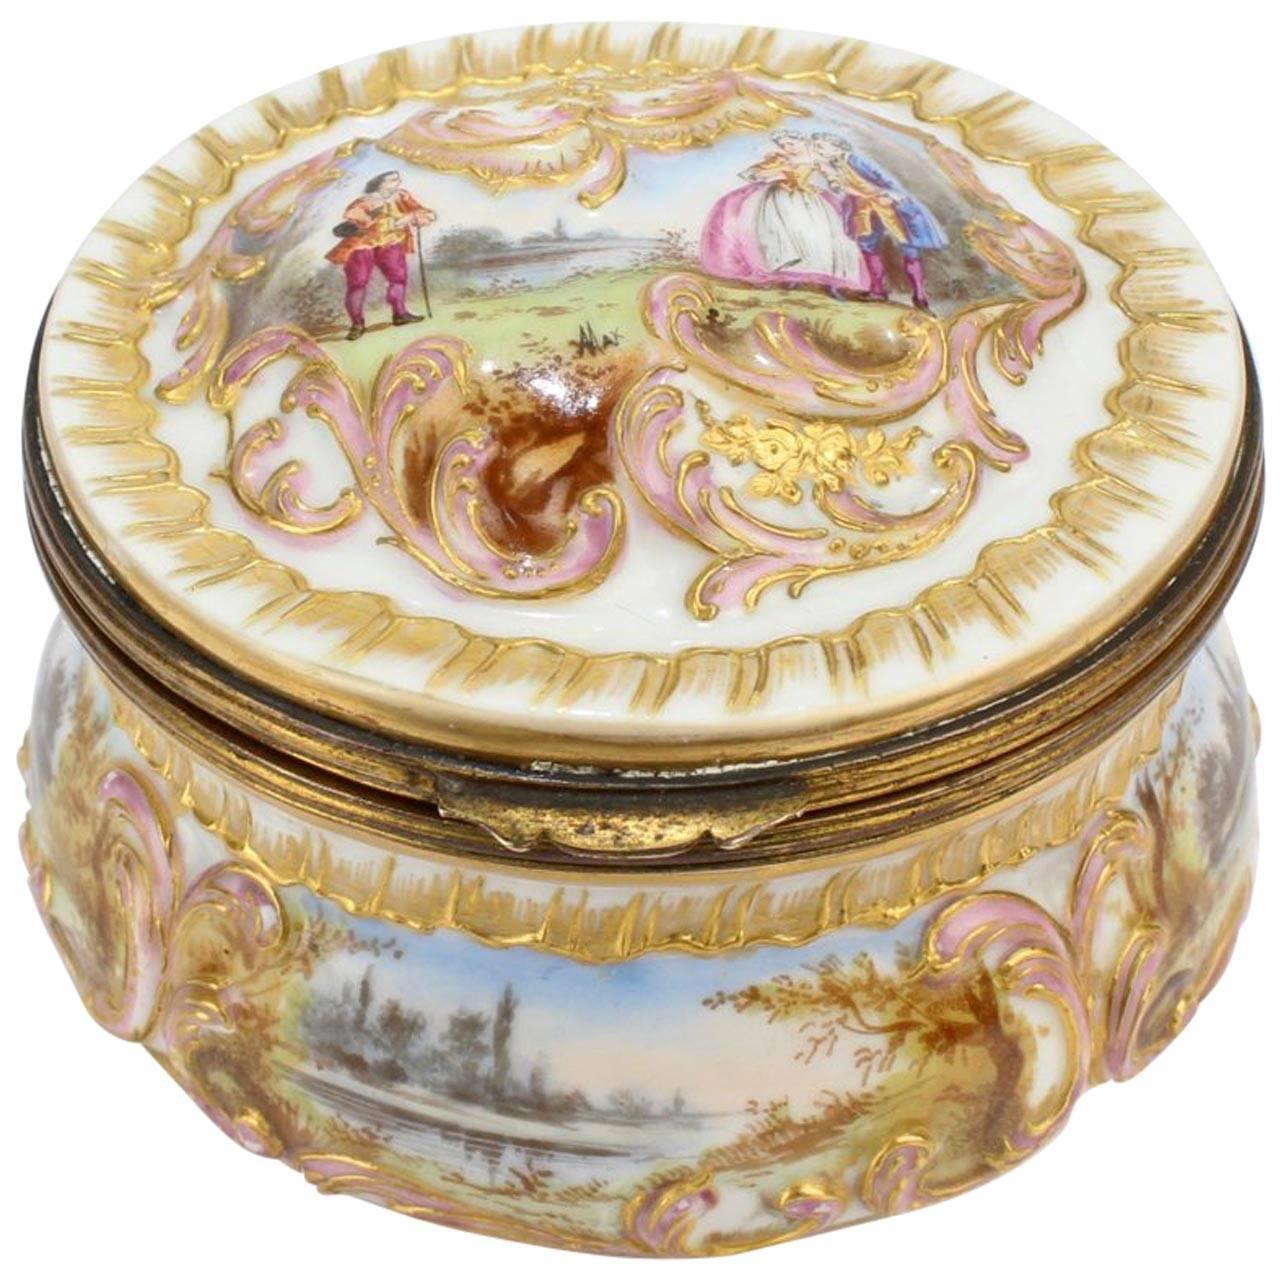 Antique Gilt Paris Porcelain Table Snuff Box or Round Casket by Bloch & Bourdois